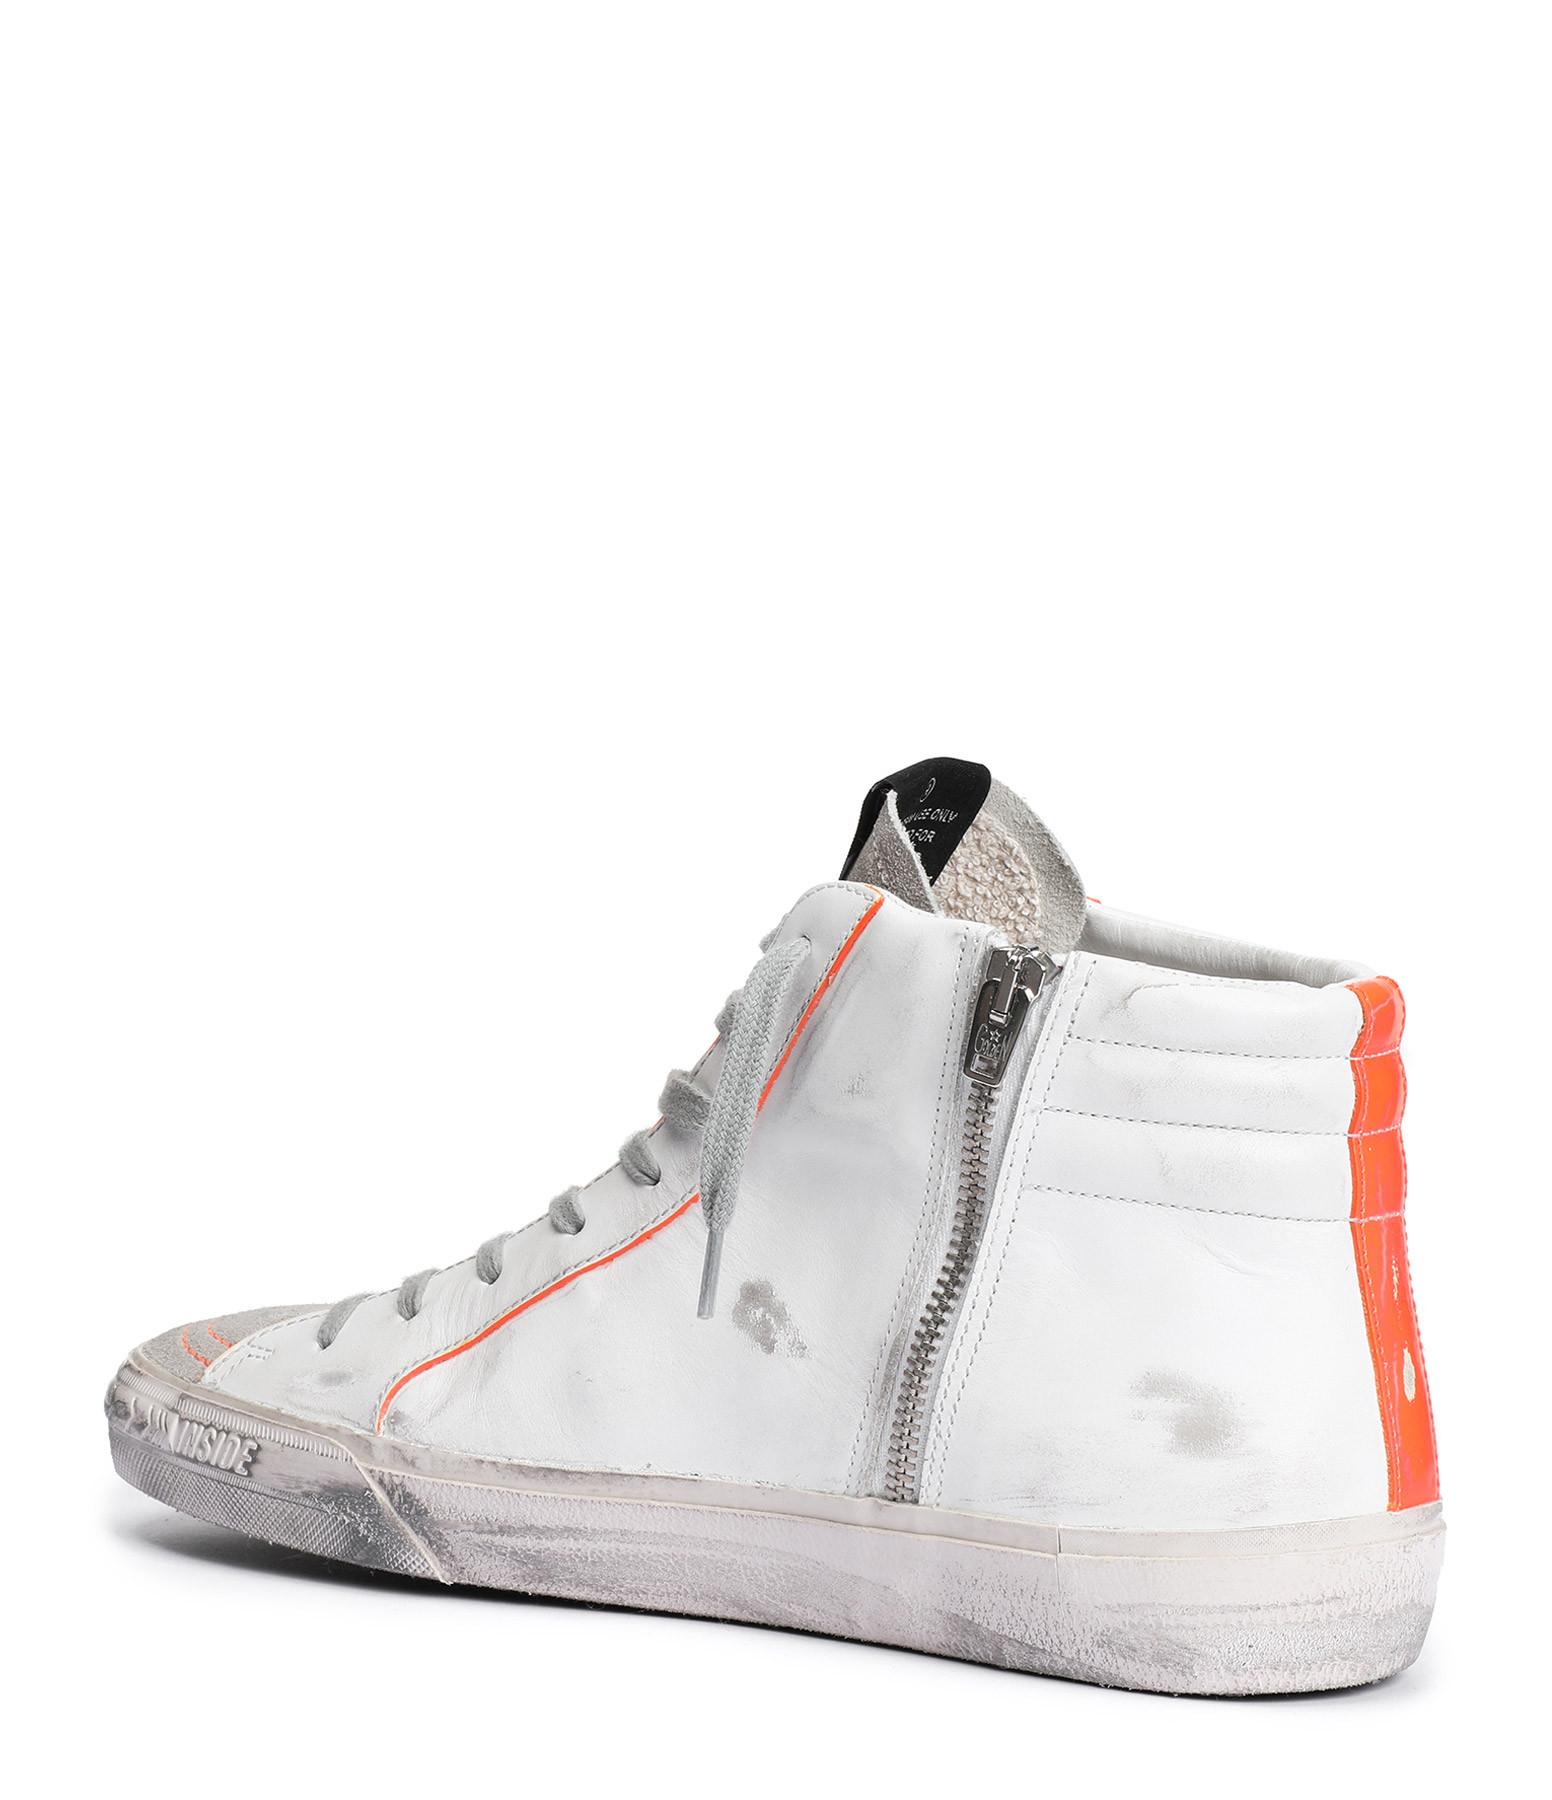 GOLDEN GOOSE - Baskets Homme Slide Cuir Blanc Orange